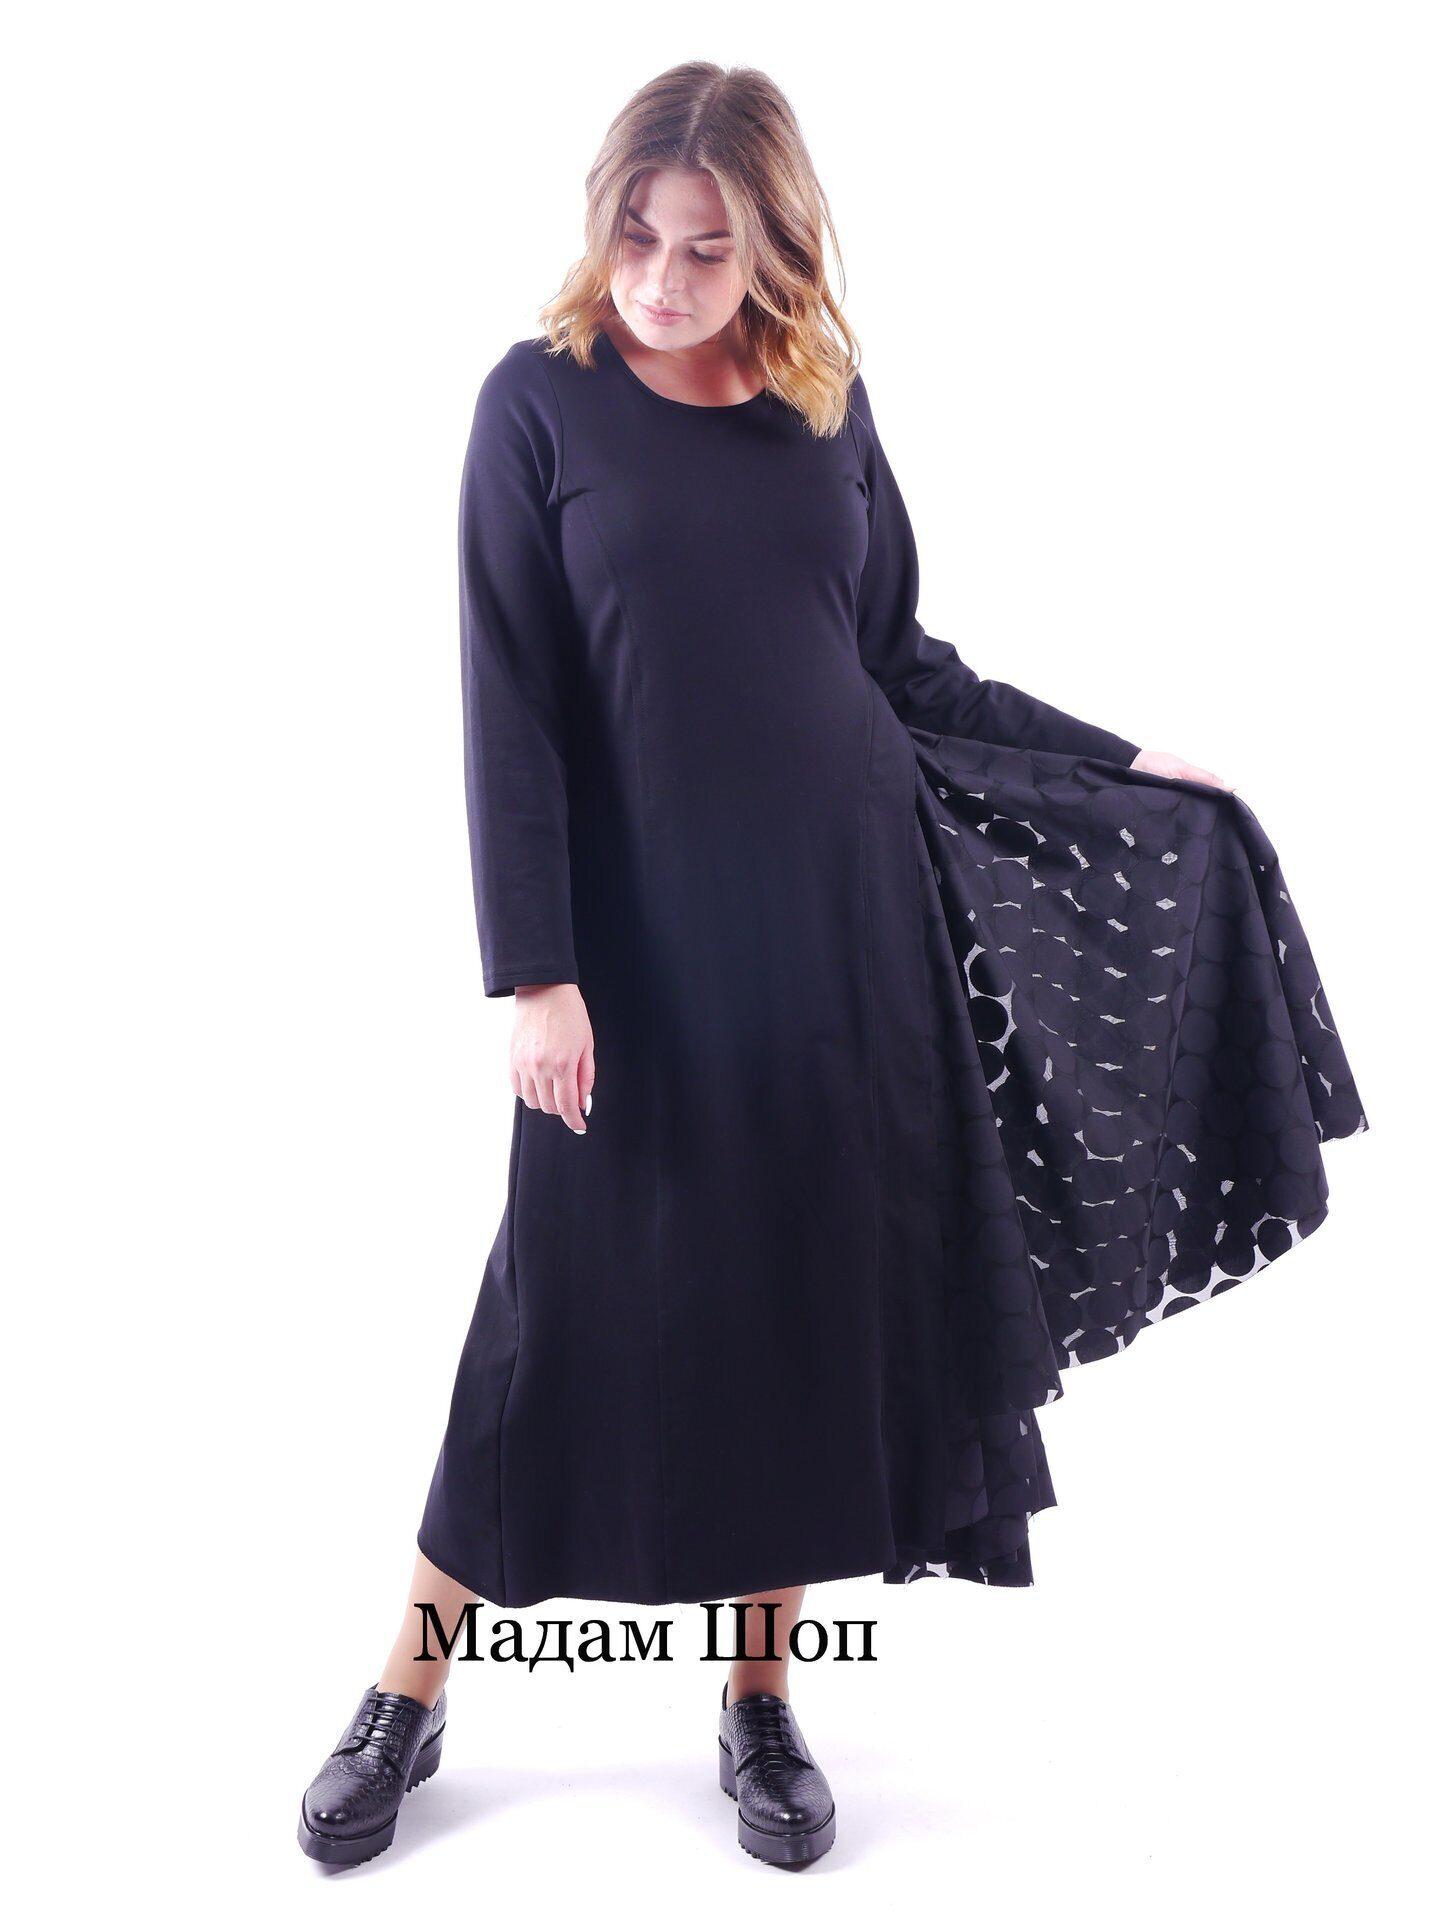 cb120e768f31ab9 Модное длинное трикотажное платье черного цвета с длинным рукавом. Юбка с  декоративным вырезом отделана оборками